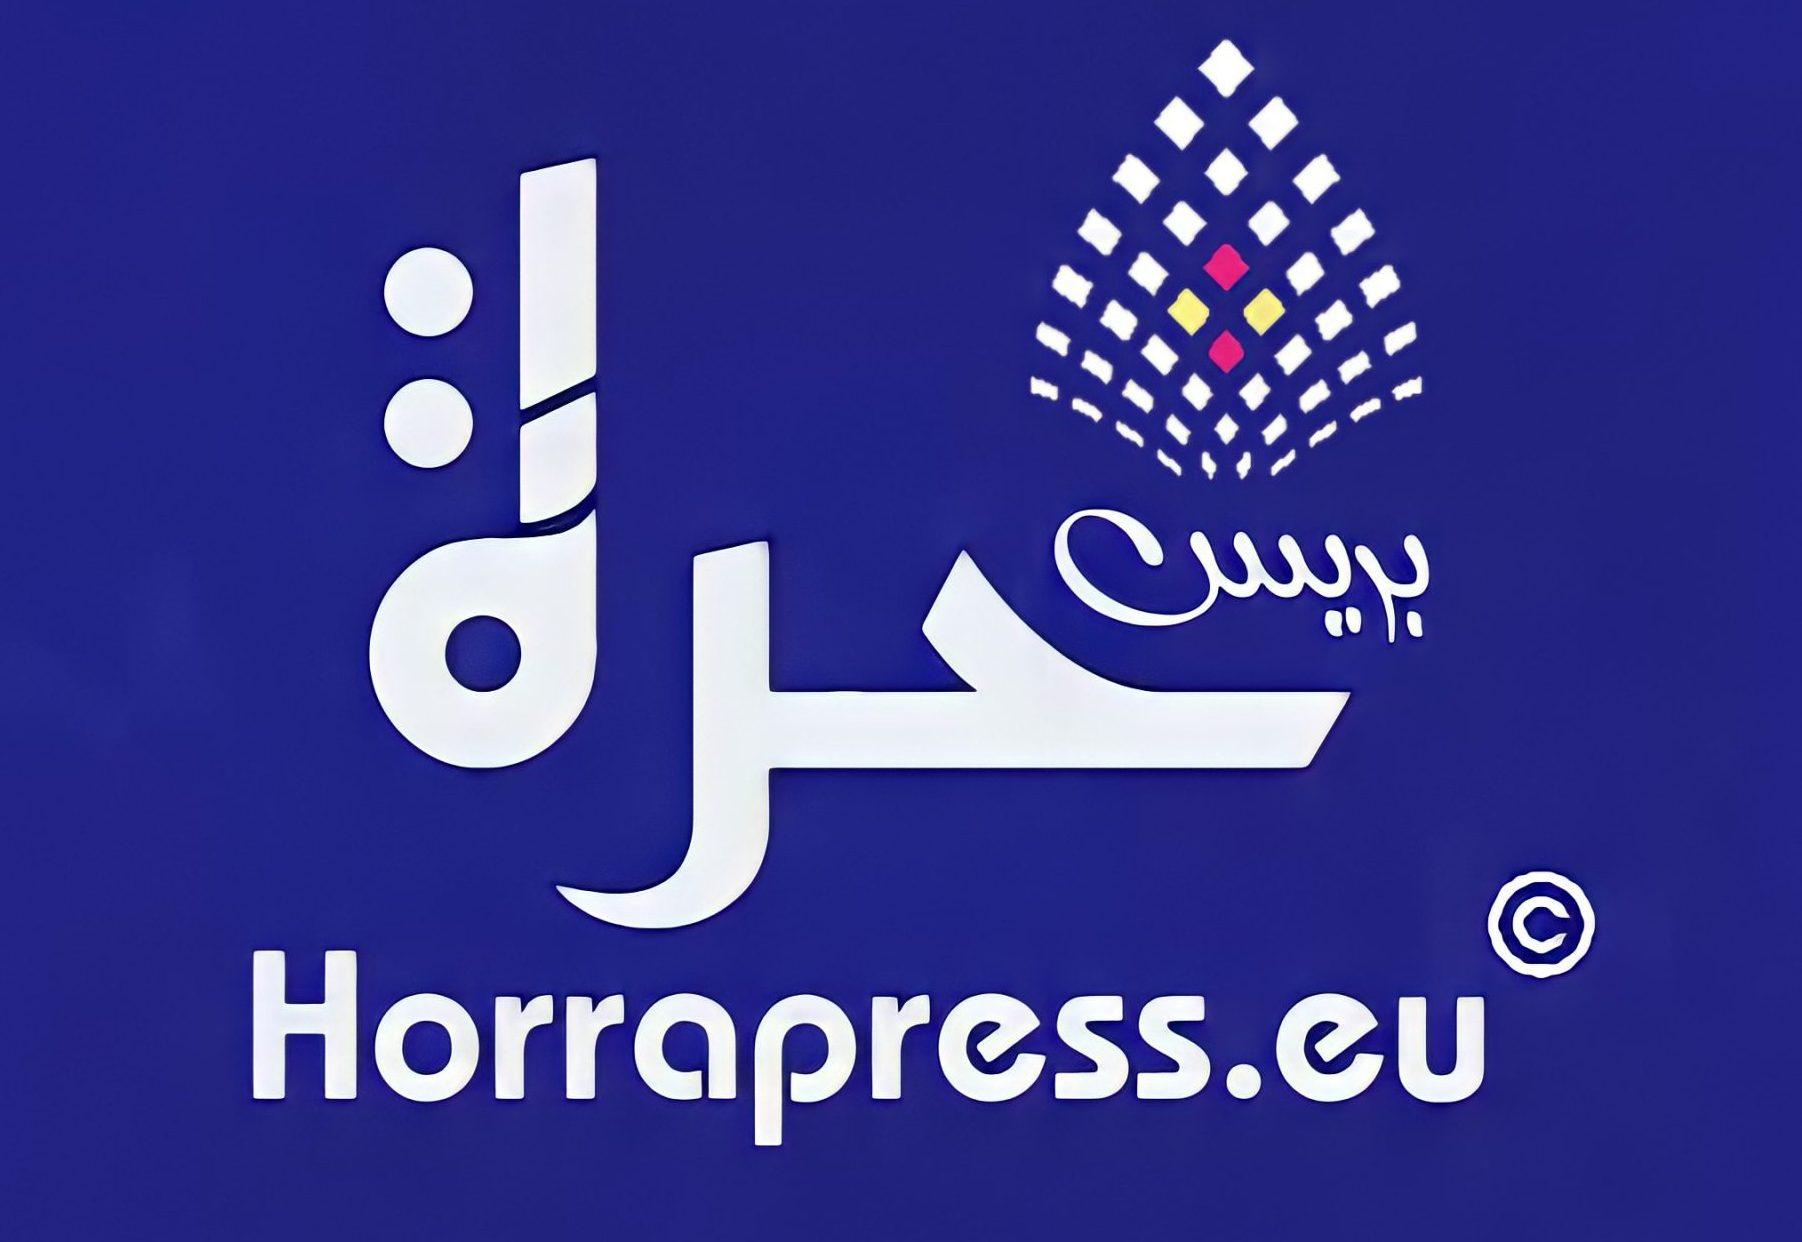 HorraPress